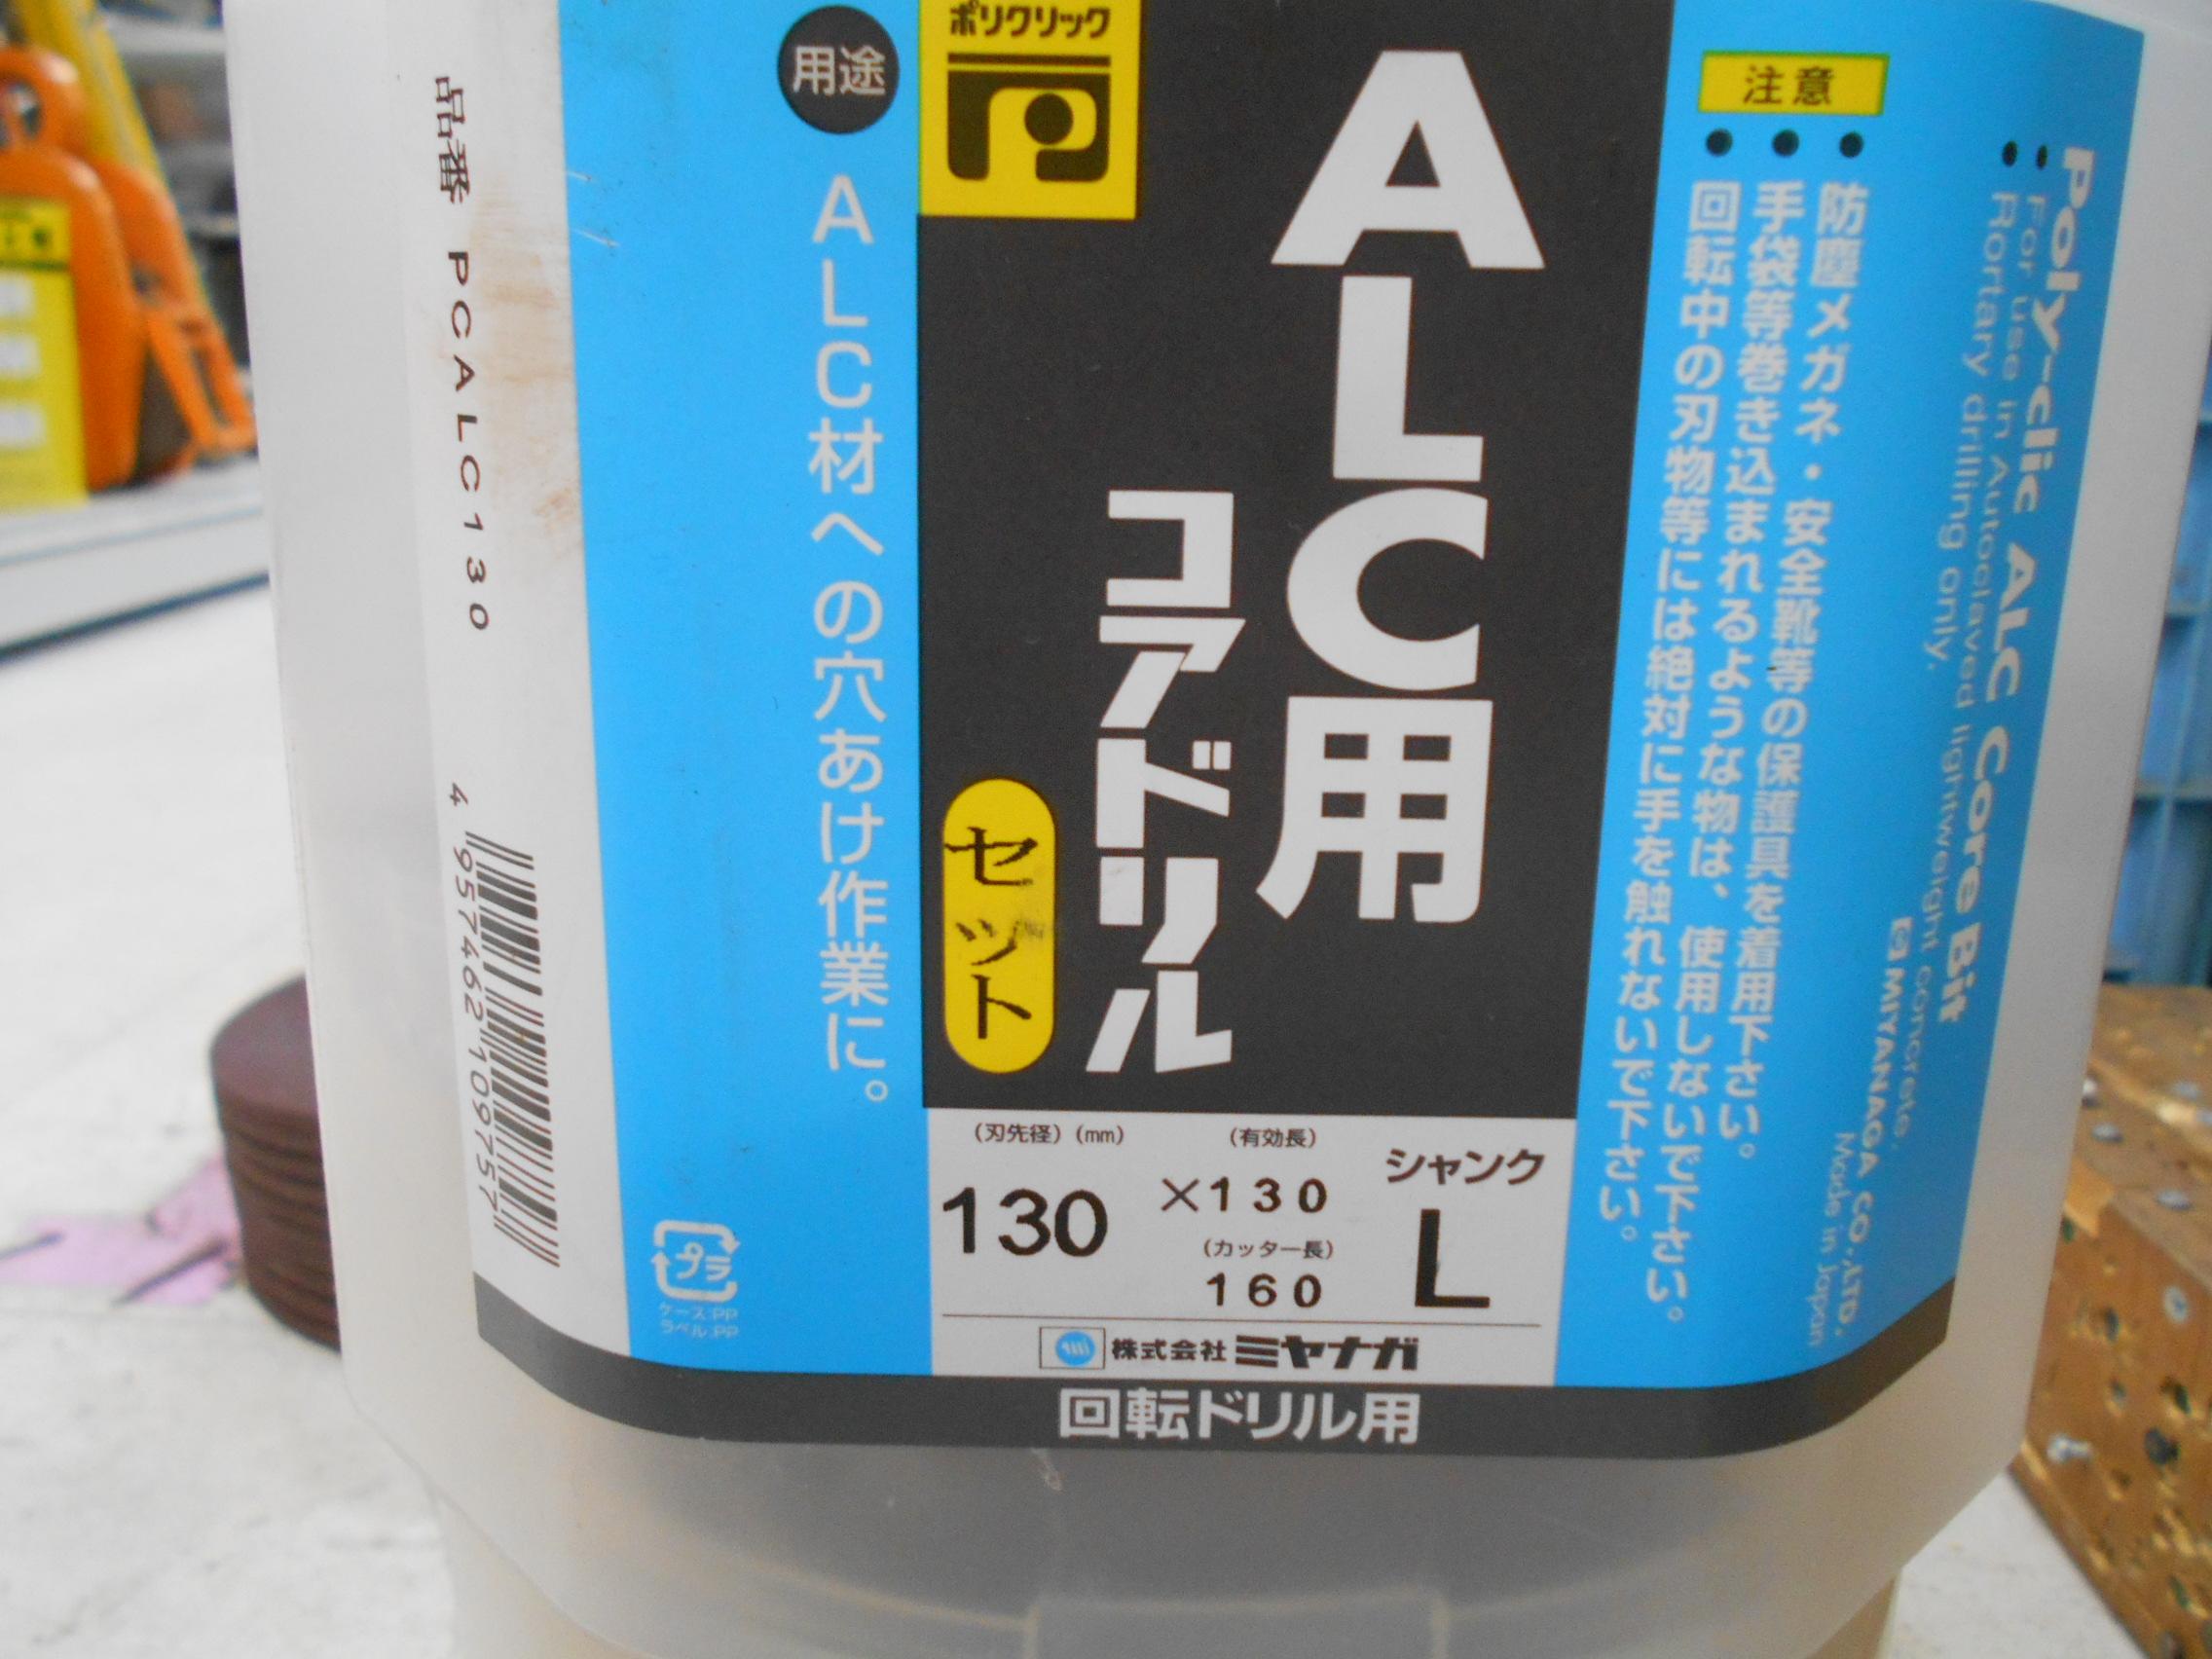 ミヤナガ ALC用コアドリル PCALC130